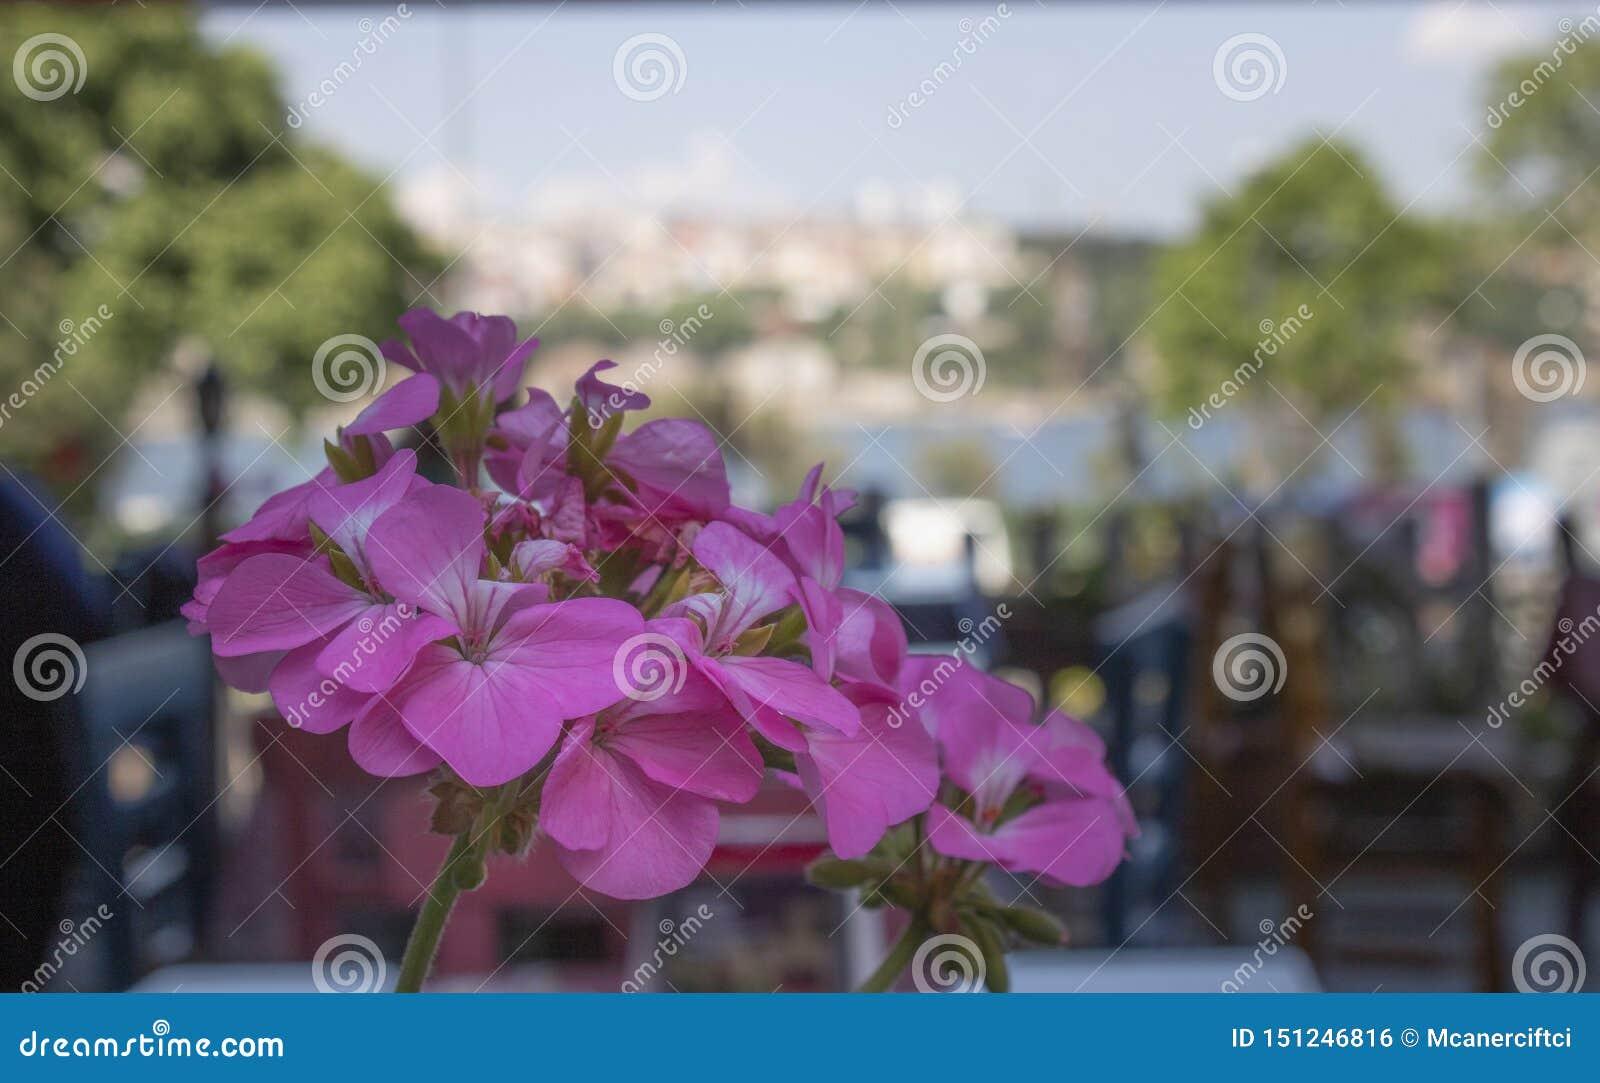 Närbild av den zon- blomman för pelargon (pelargoniahortorum) I bakgrunden finns det kafétabeller och stolar suddighet bakgrund